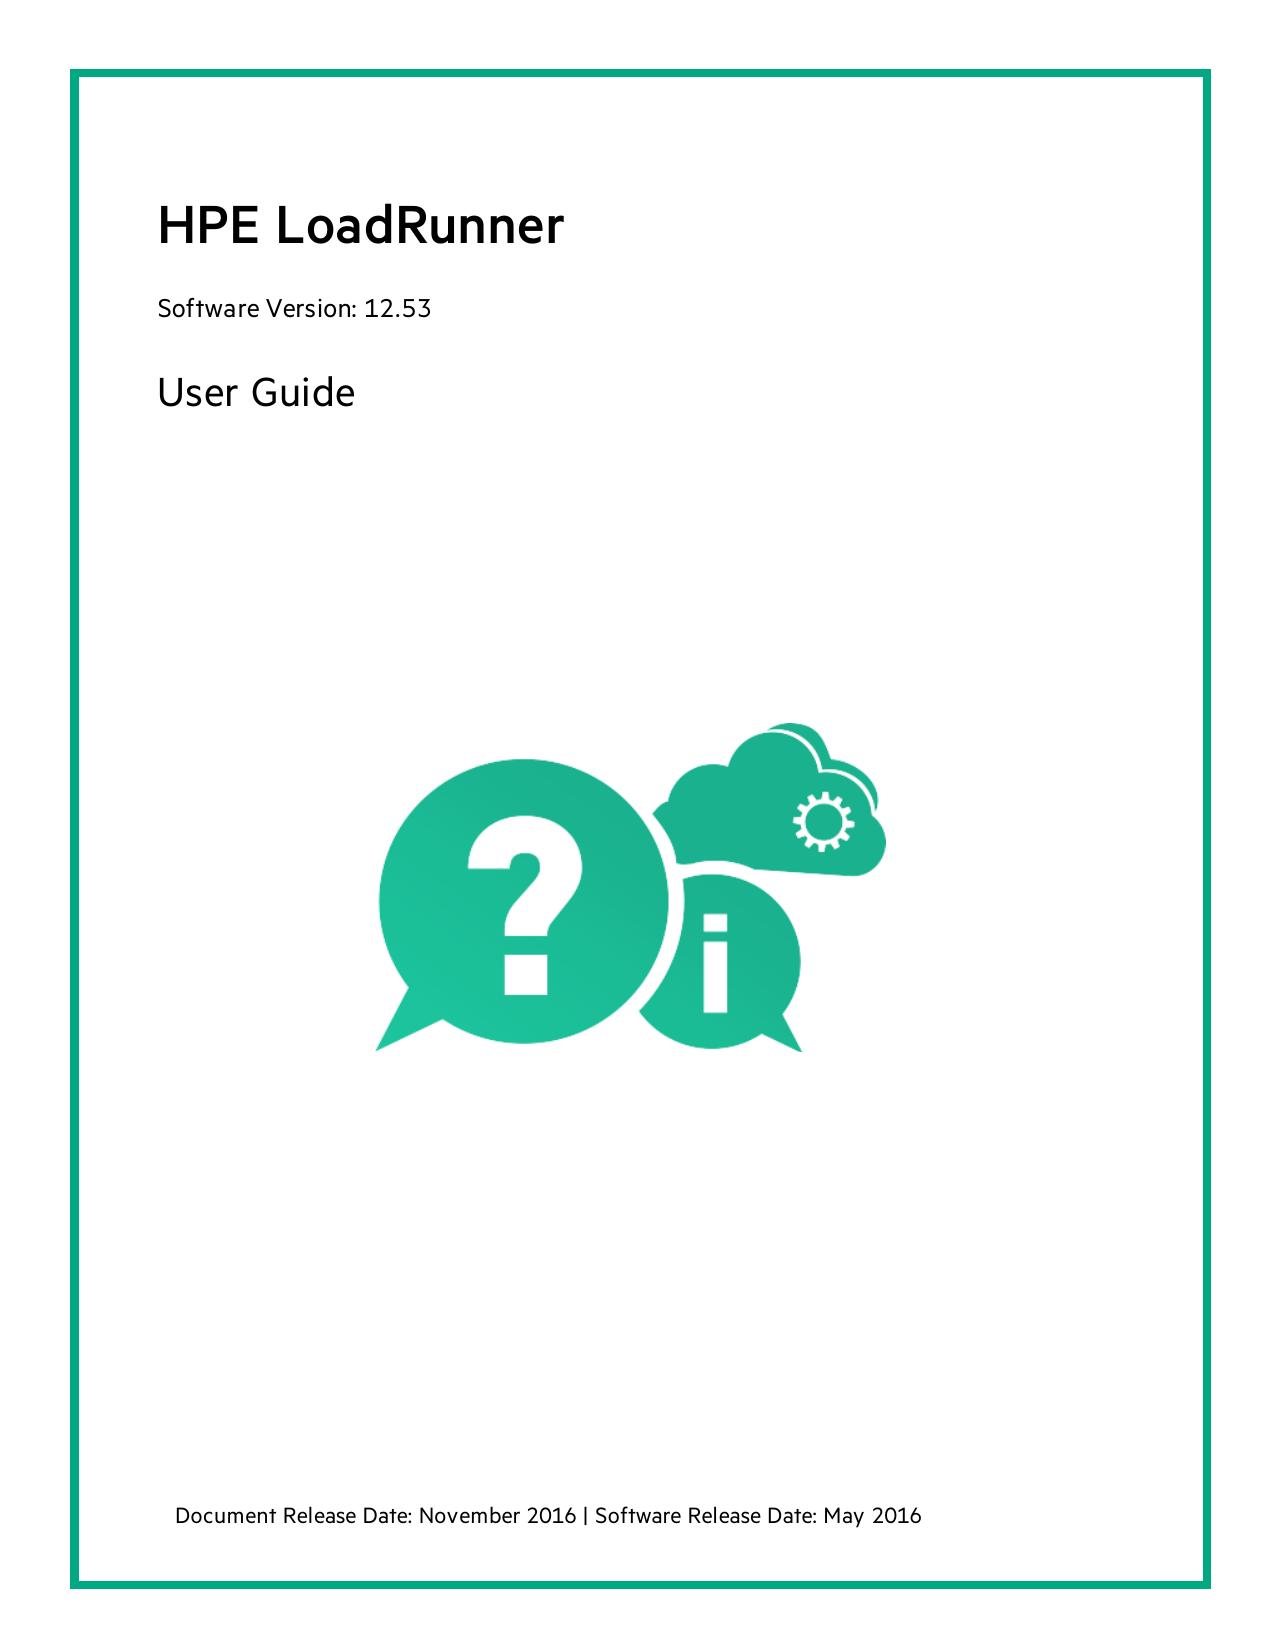 HPE LoadRunner User Guide - LoadRunner Help Center